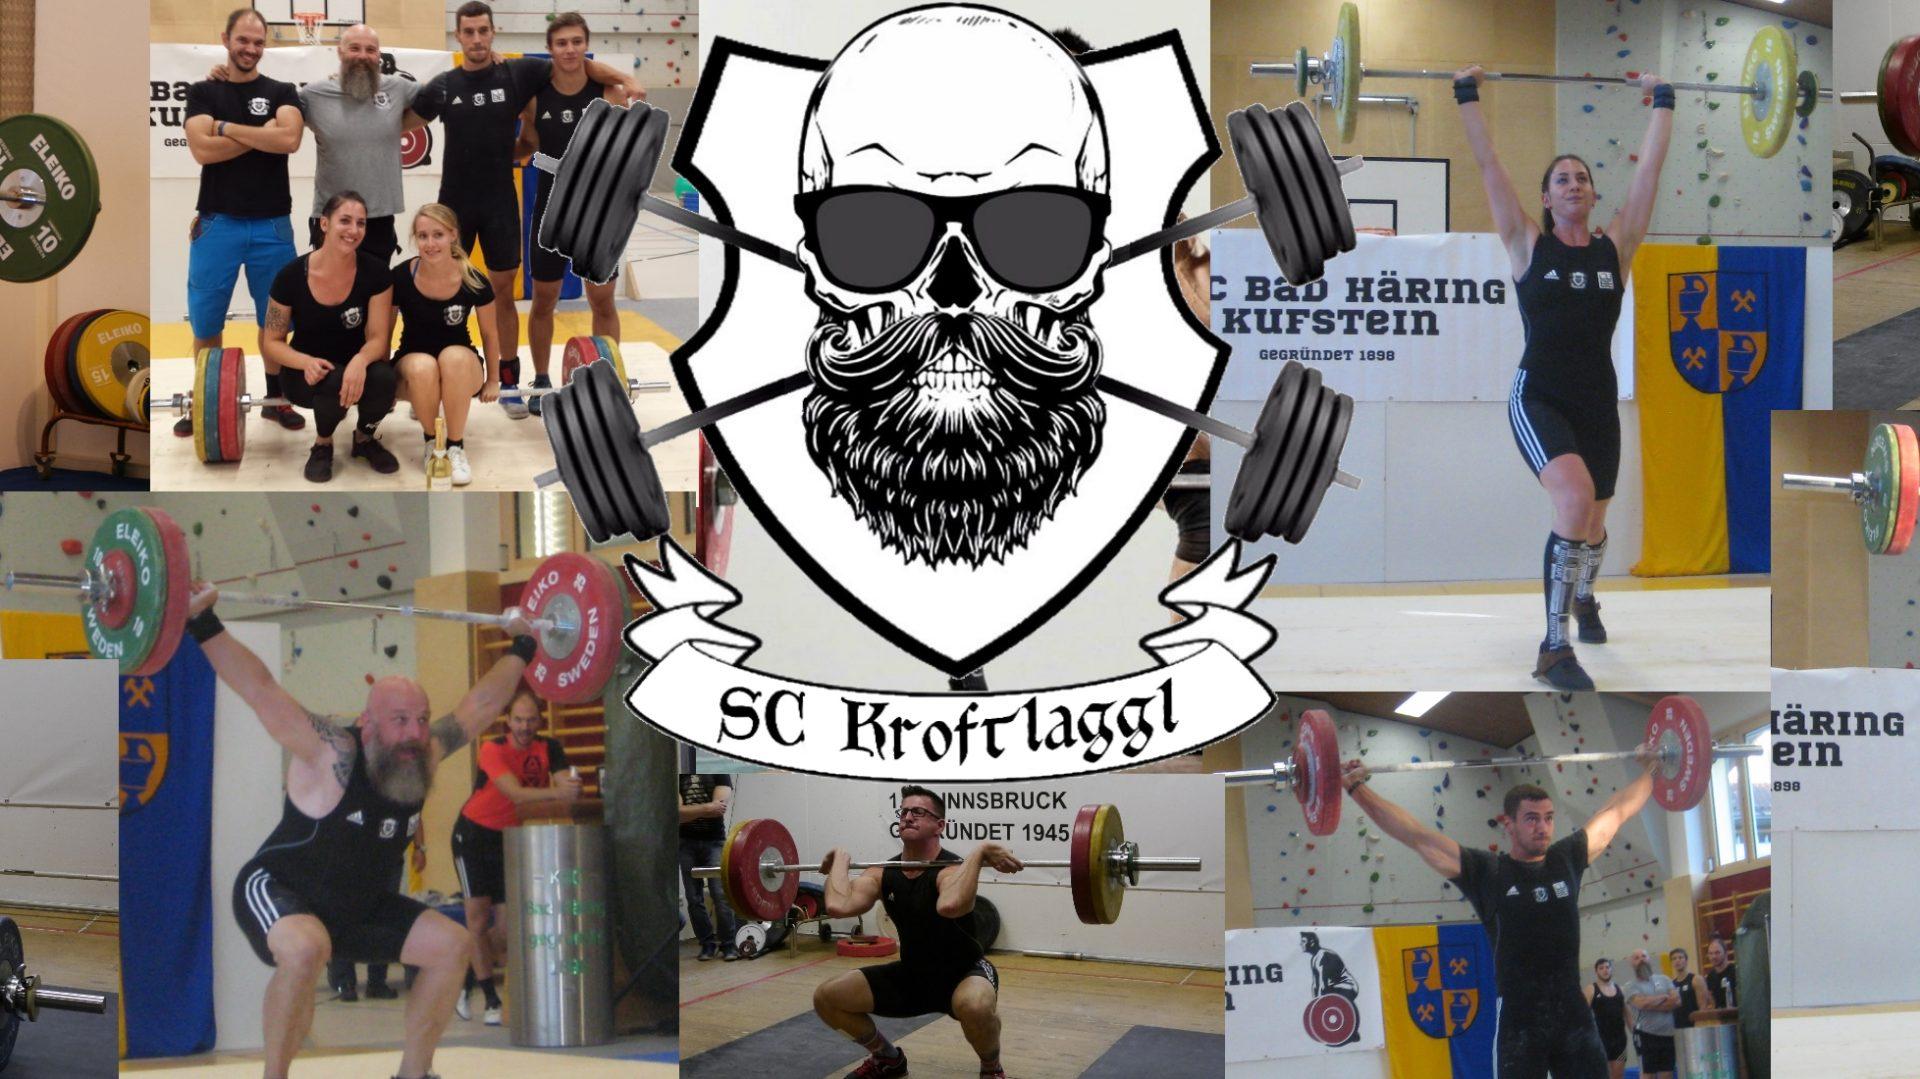 Schwerathletik Club Kroftlaggl